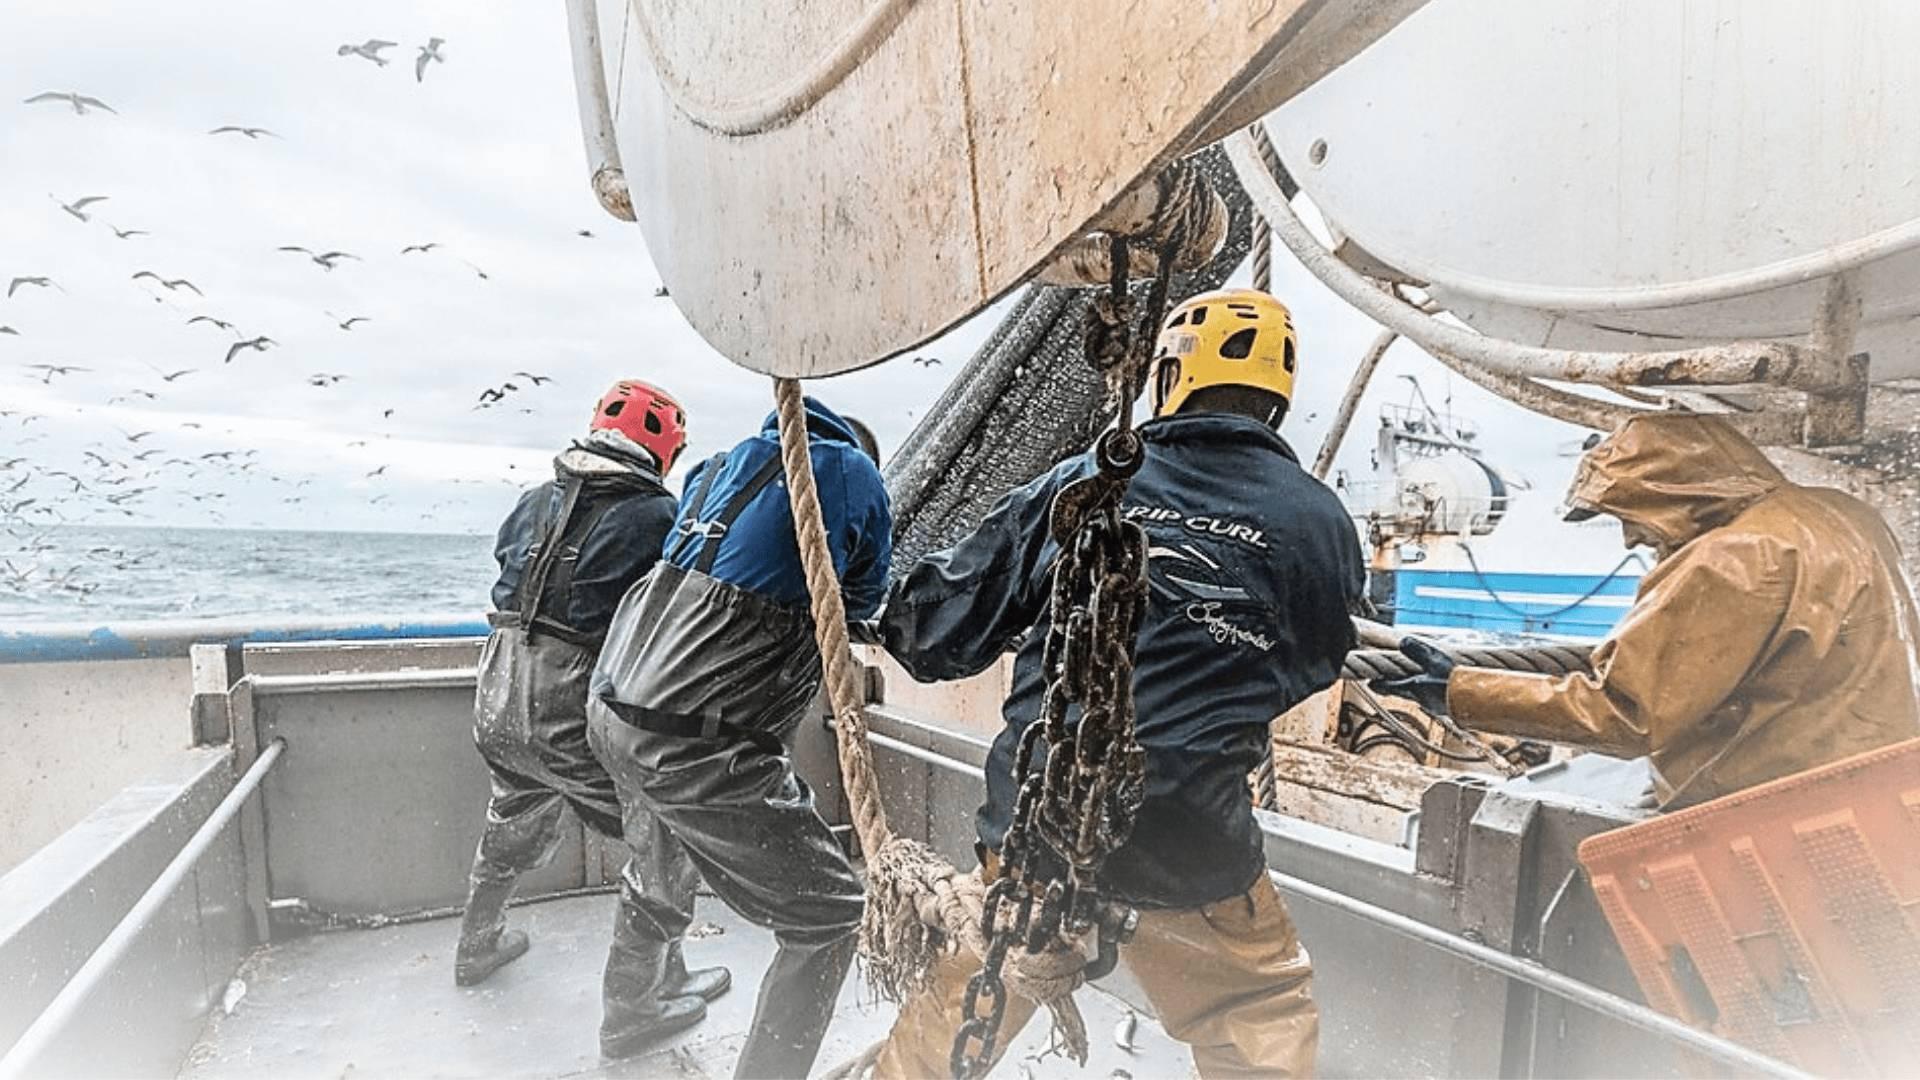 vissers op de boot